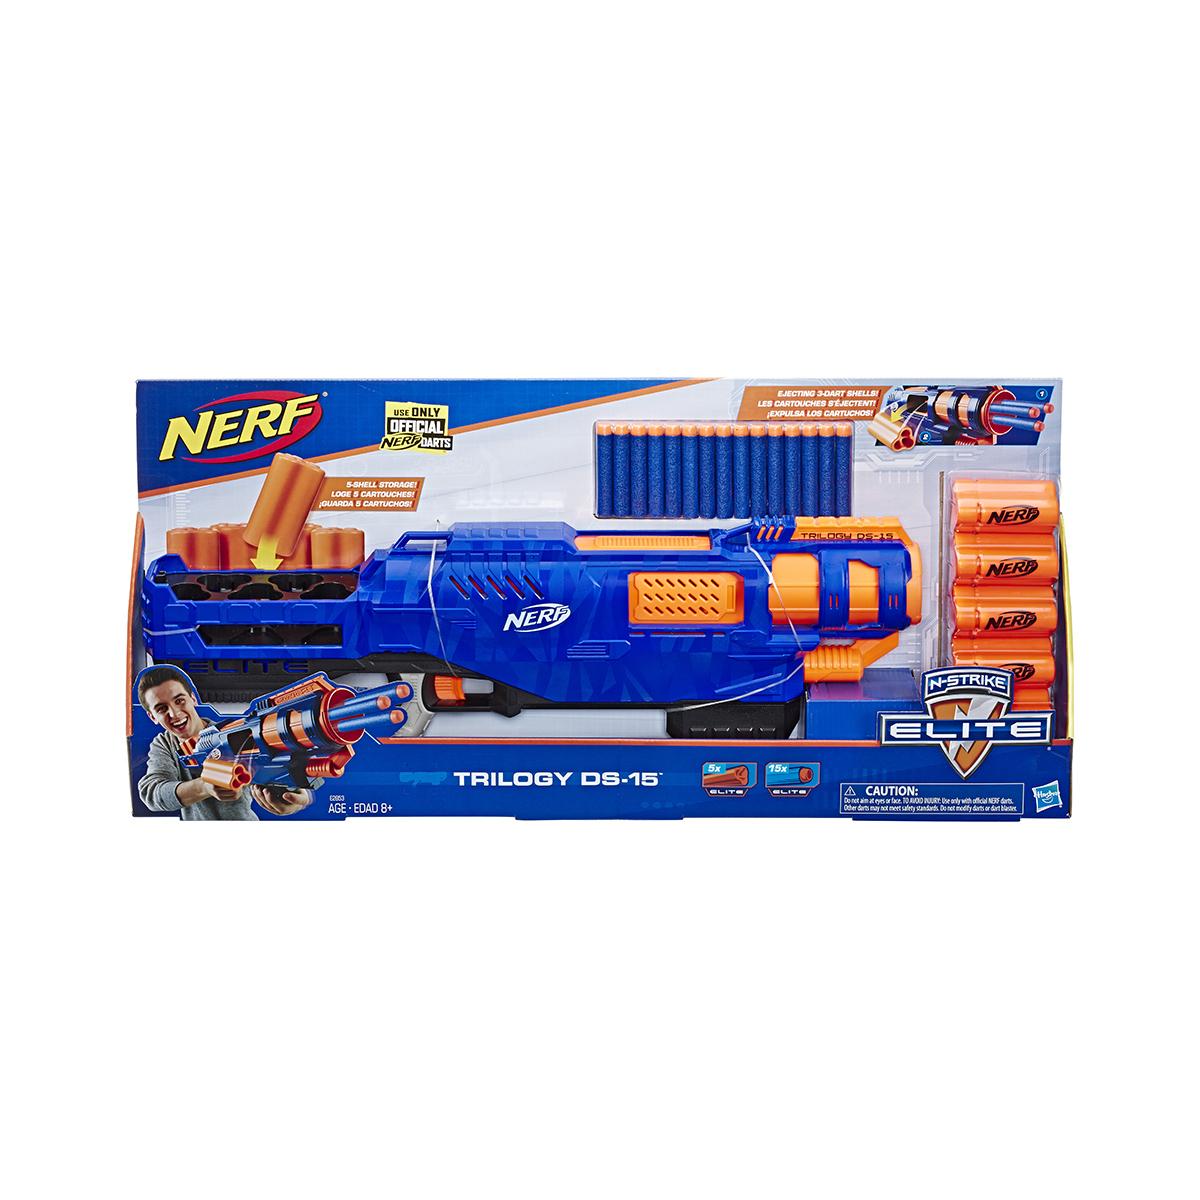 Blaster Nerf Elite Triology DS 15